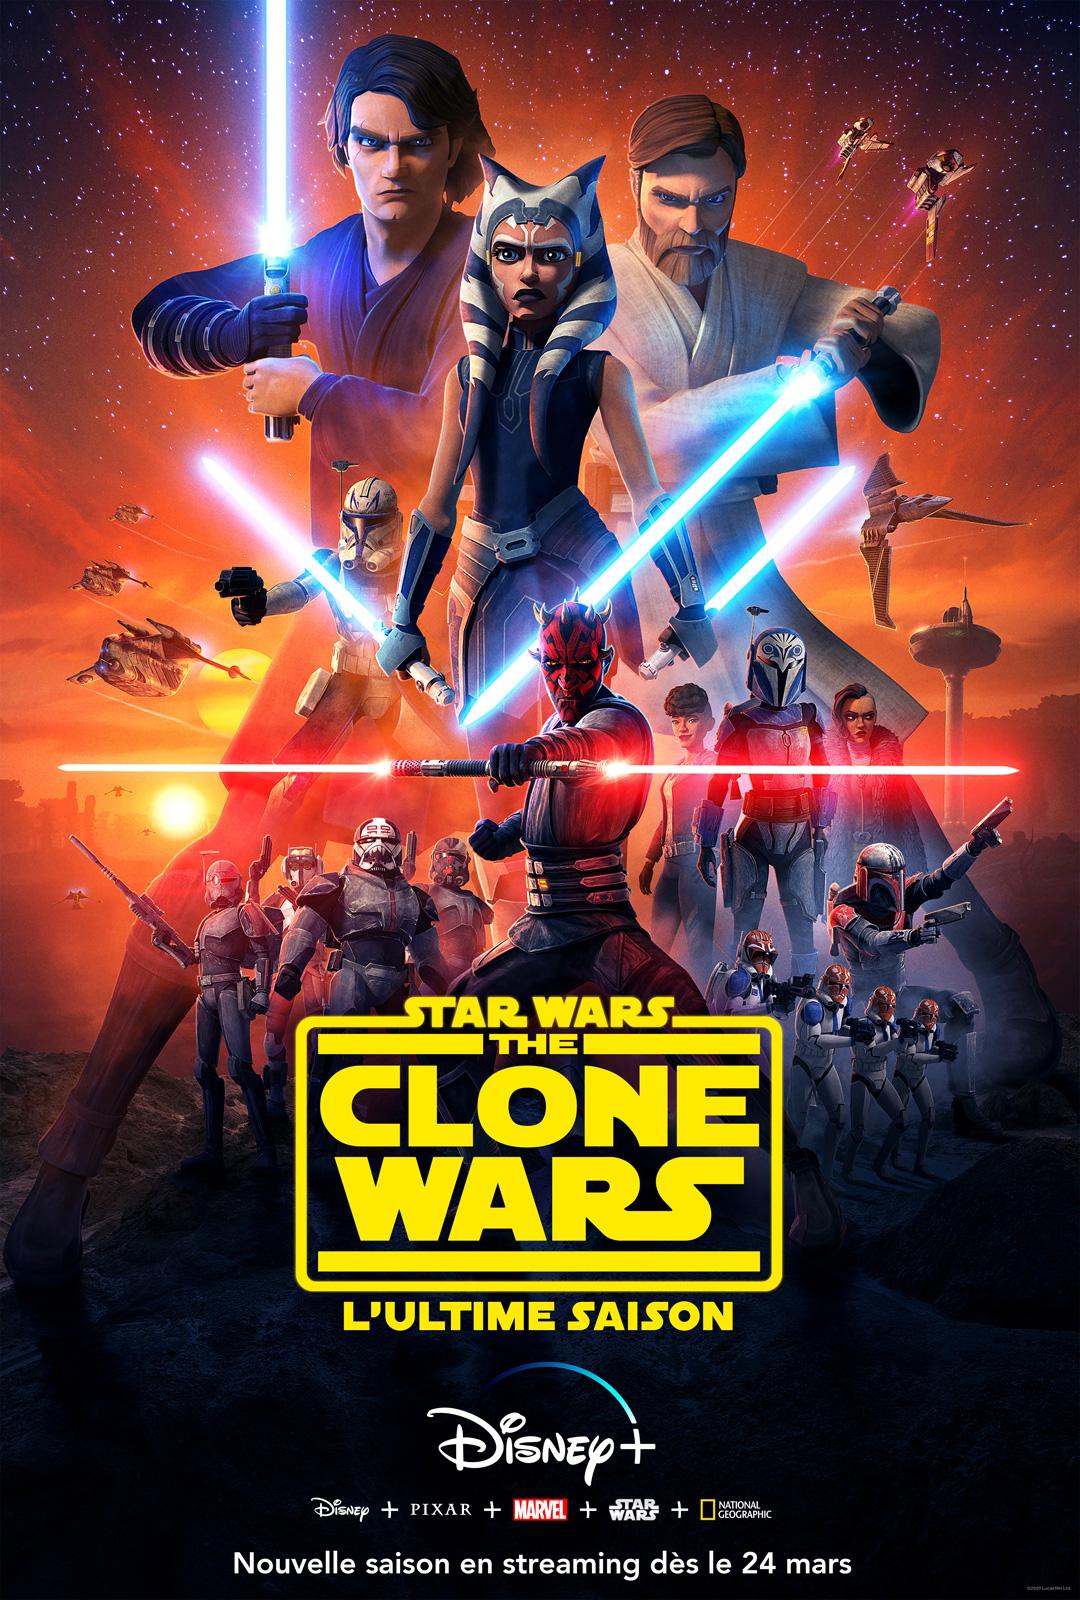 Star Wars 8 Diffusion Tv : diffusion, Wars:, Clone, (2008), Série, AlloCiné